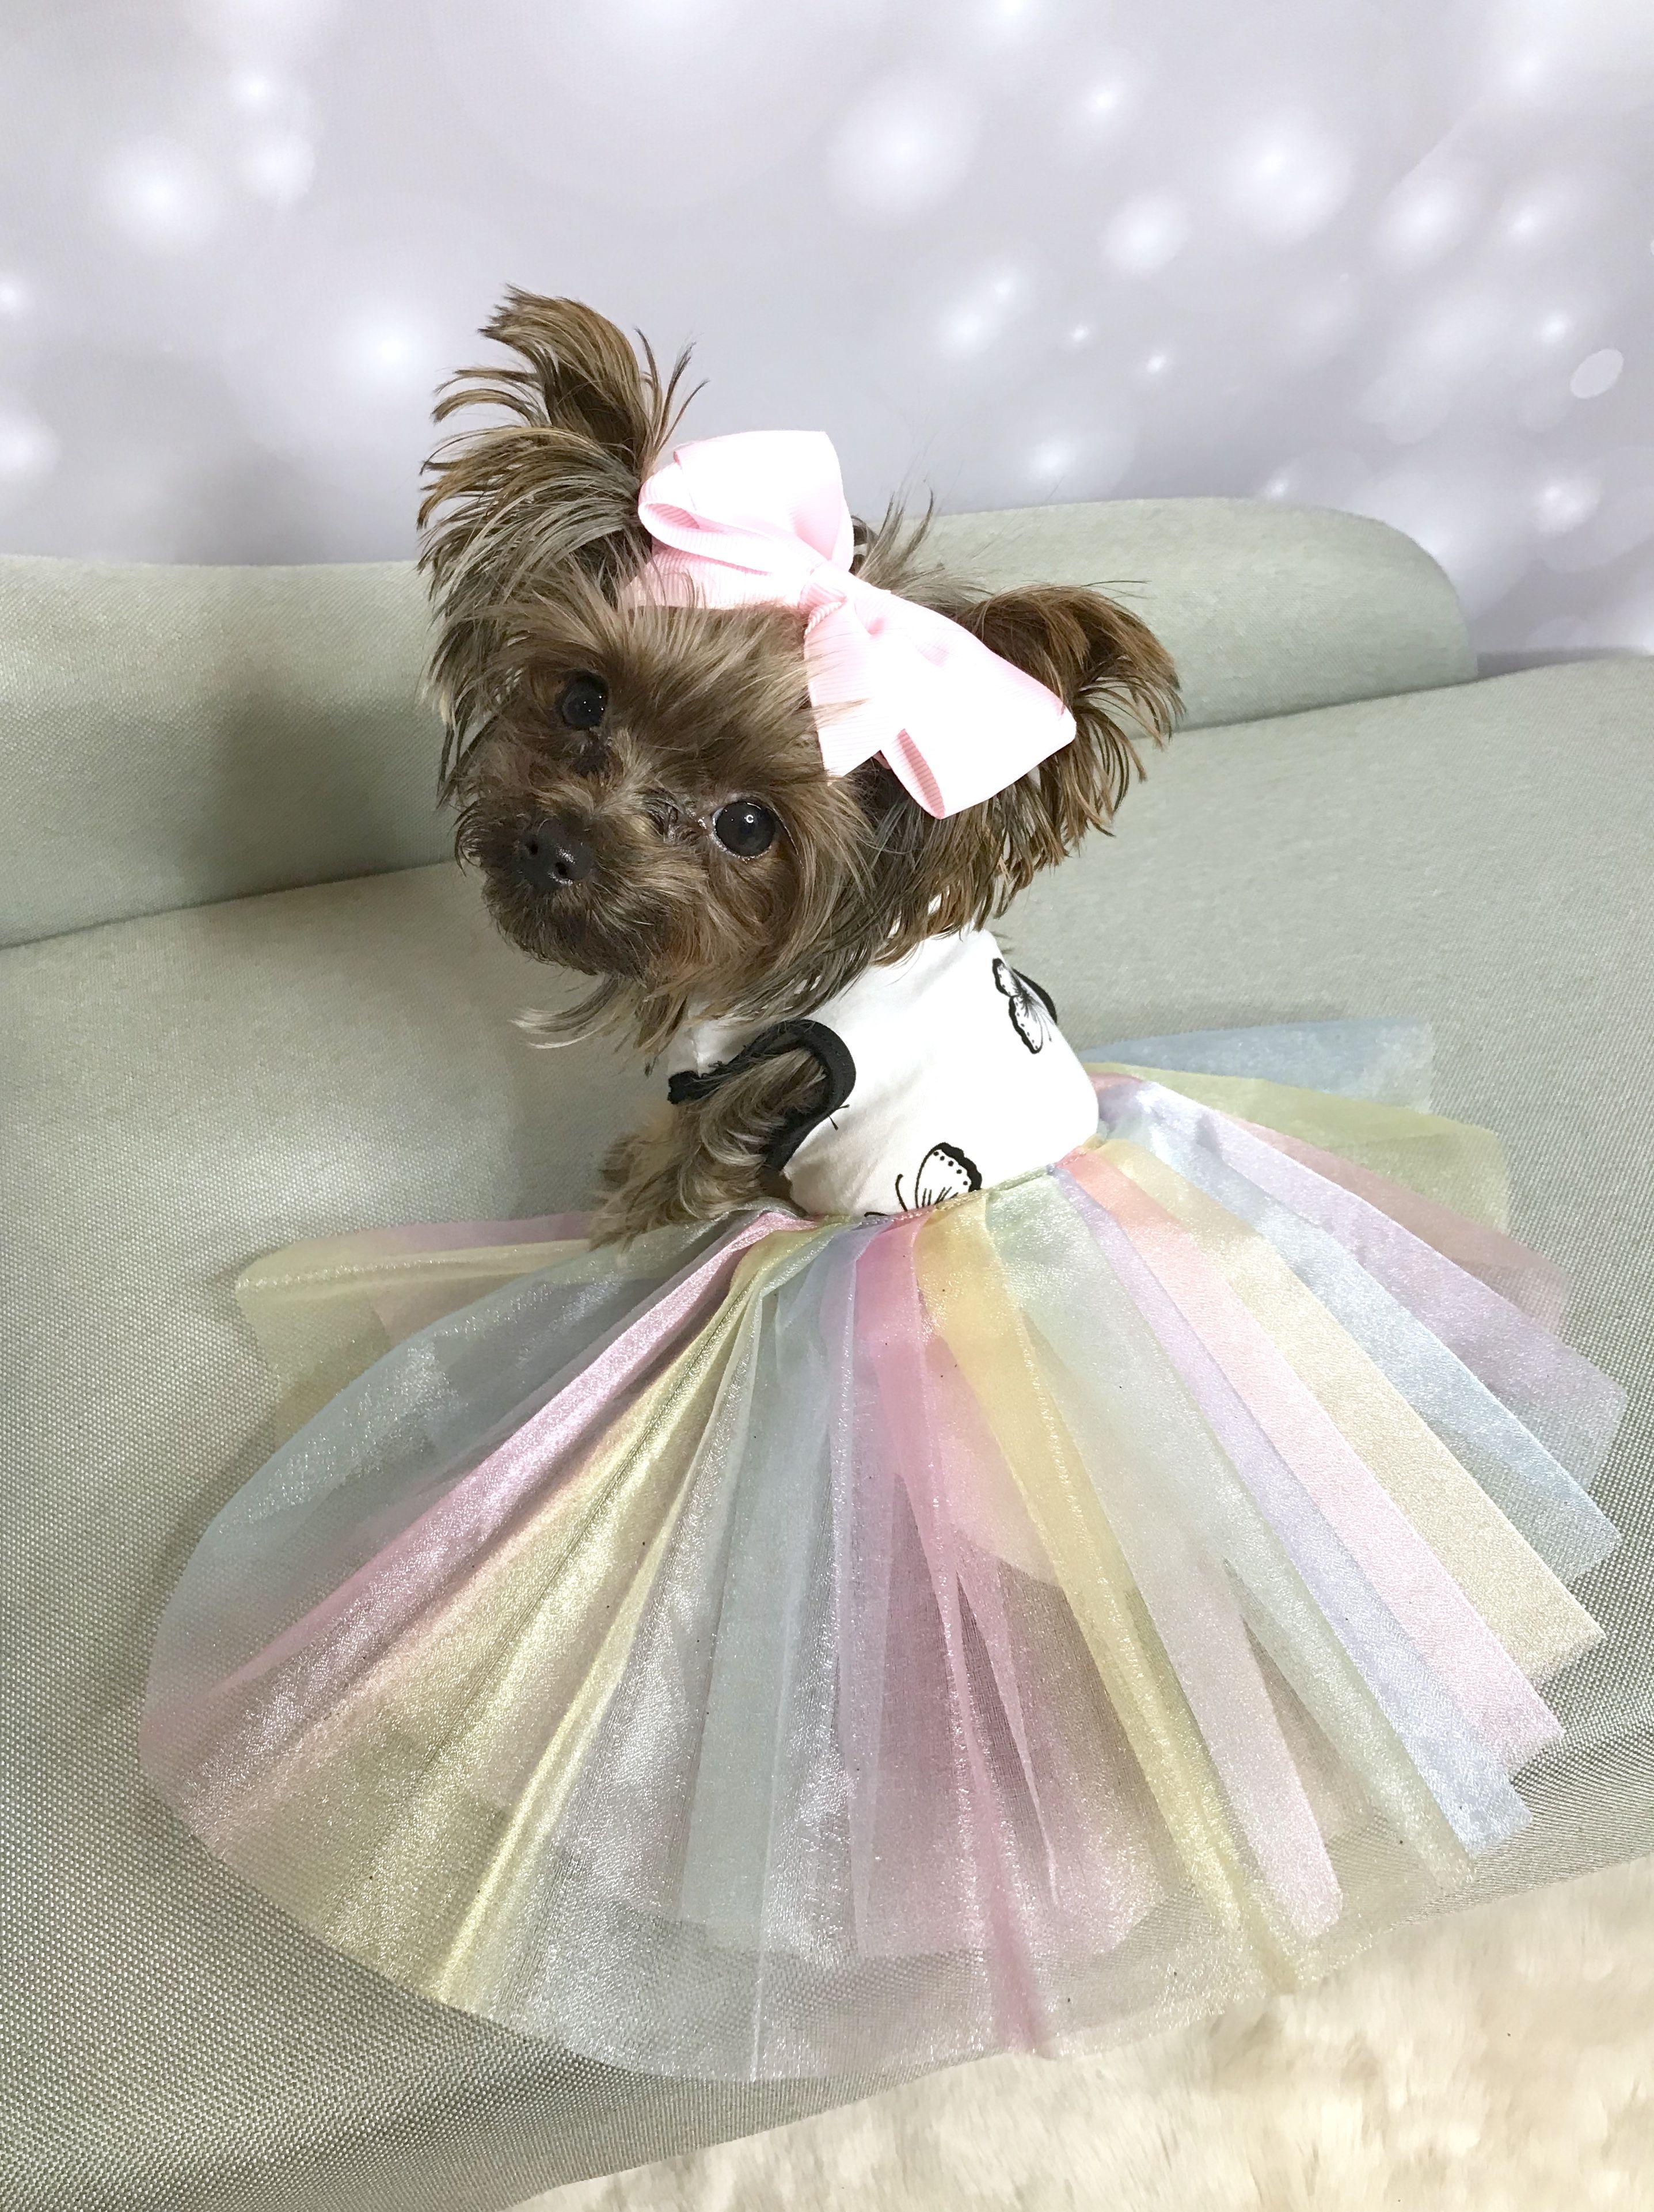 Pin By Sophia Shen On Sable Yorkie Zoey Flower Girl Dresses Flower Girl Tulle Skirt